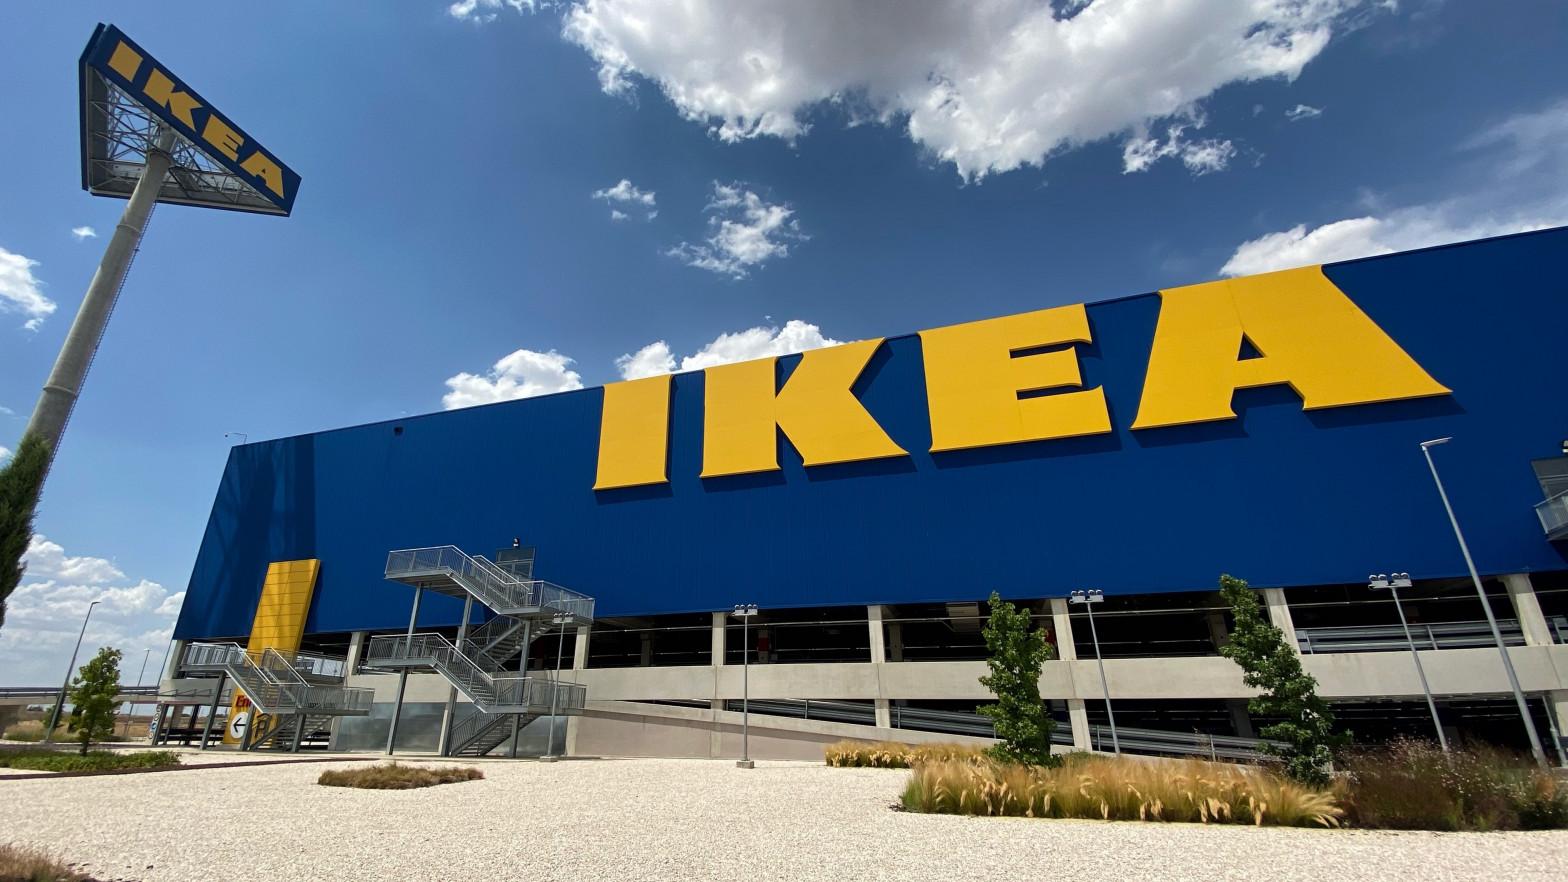 Ikea instala en Madrid su nueva base para desarrollar su estrategia digital